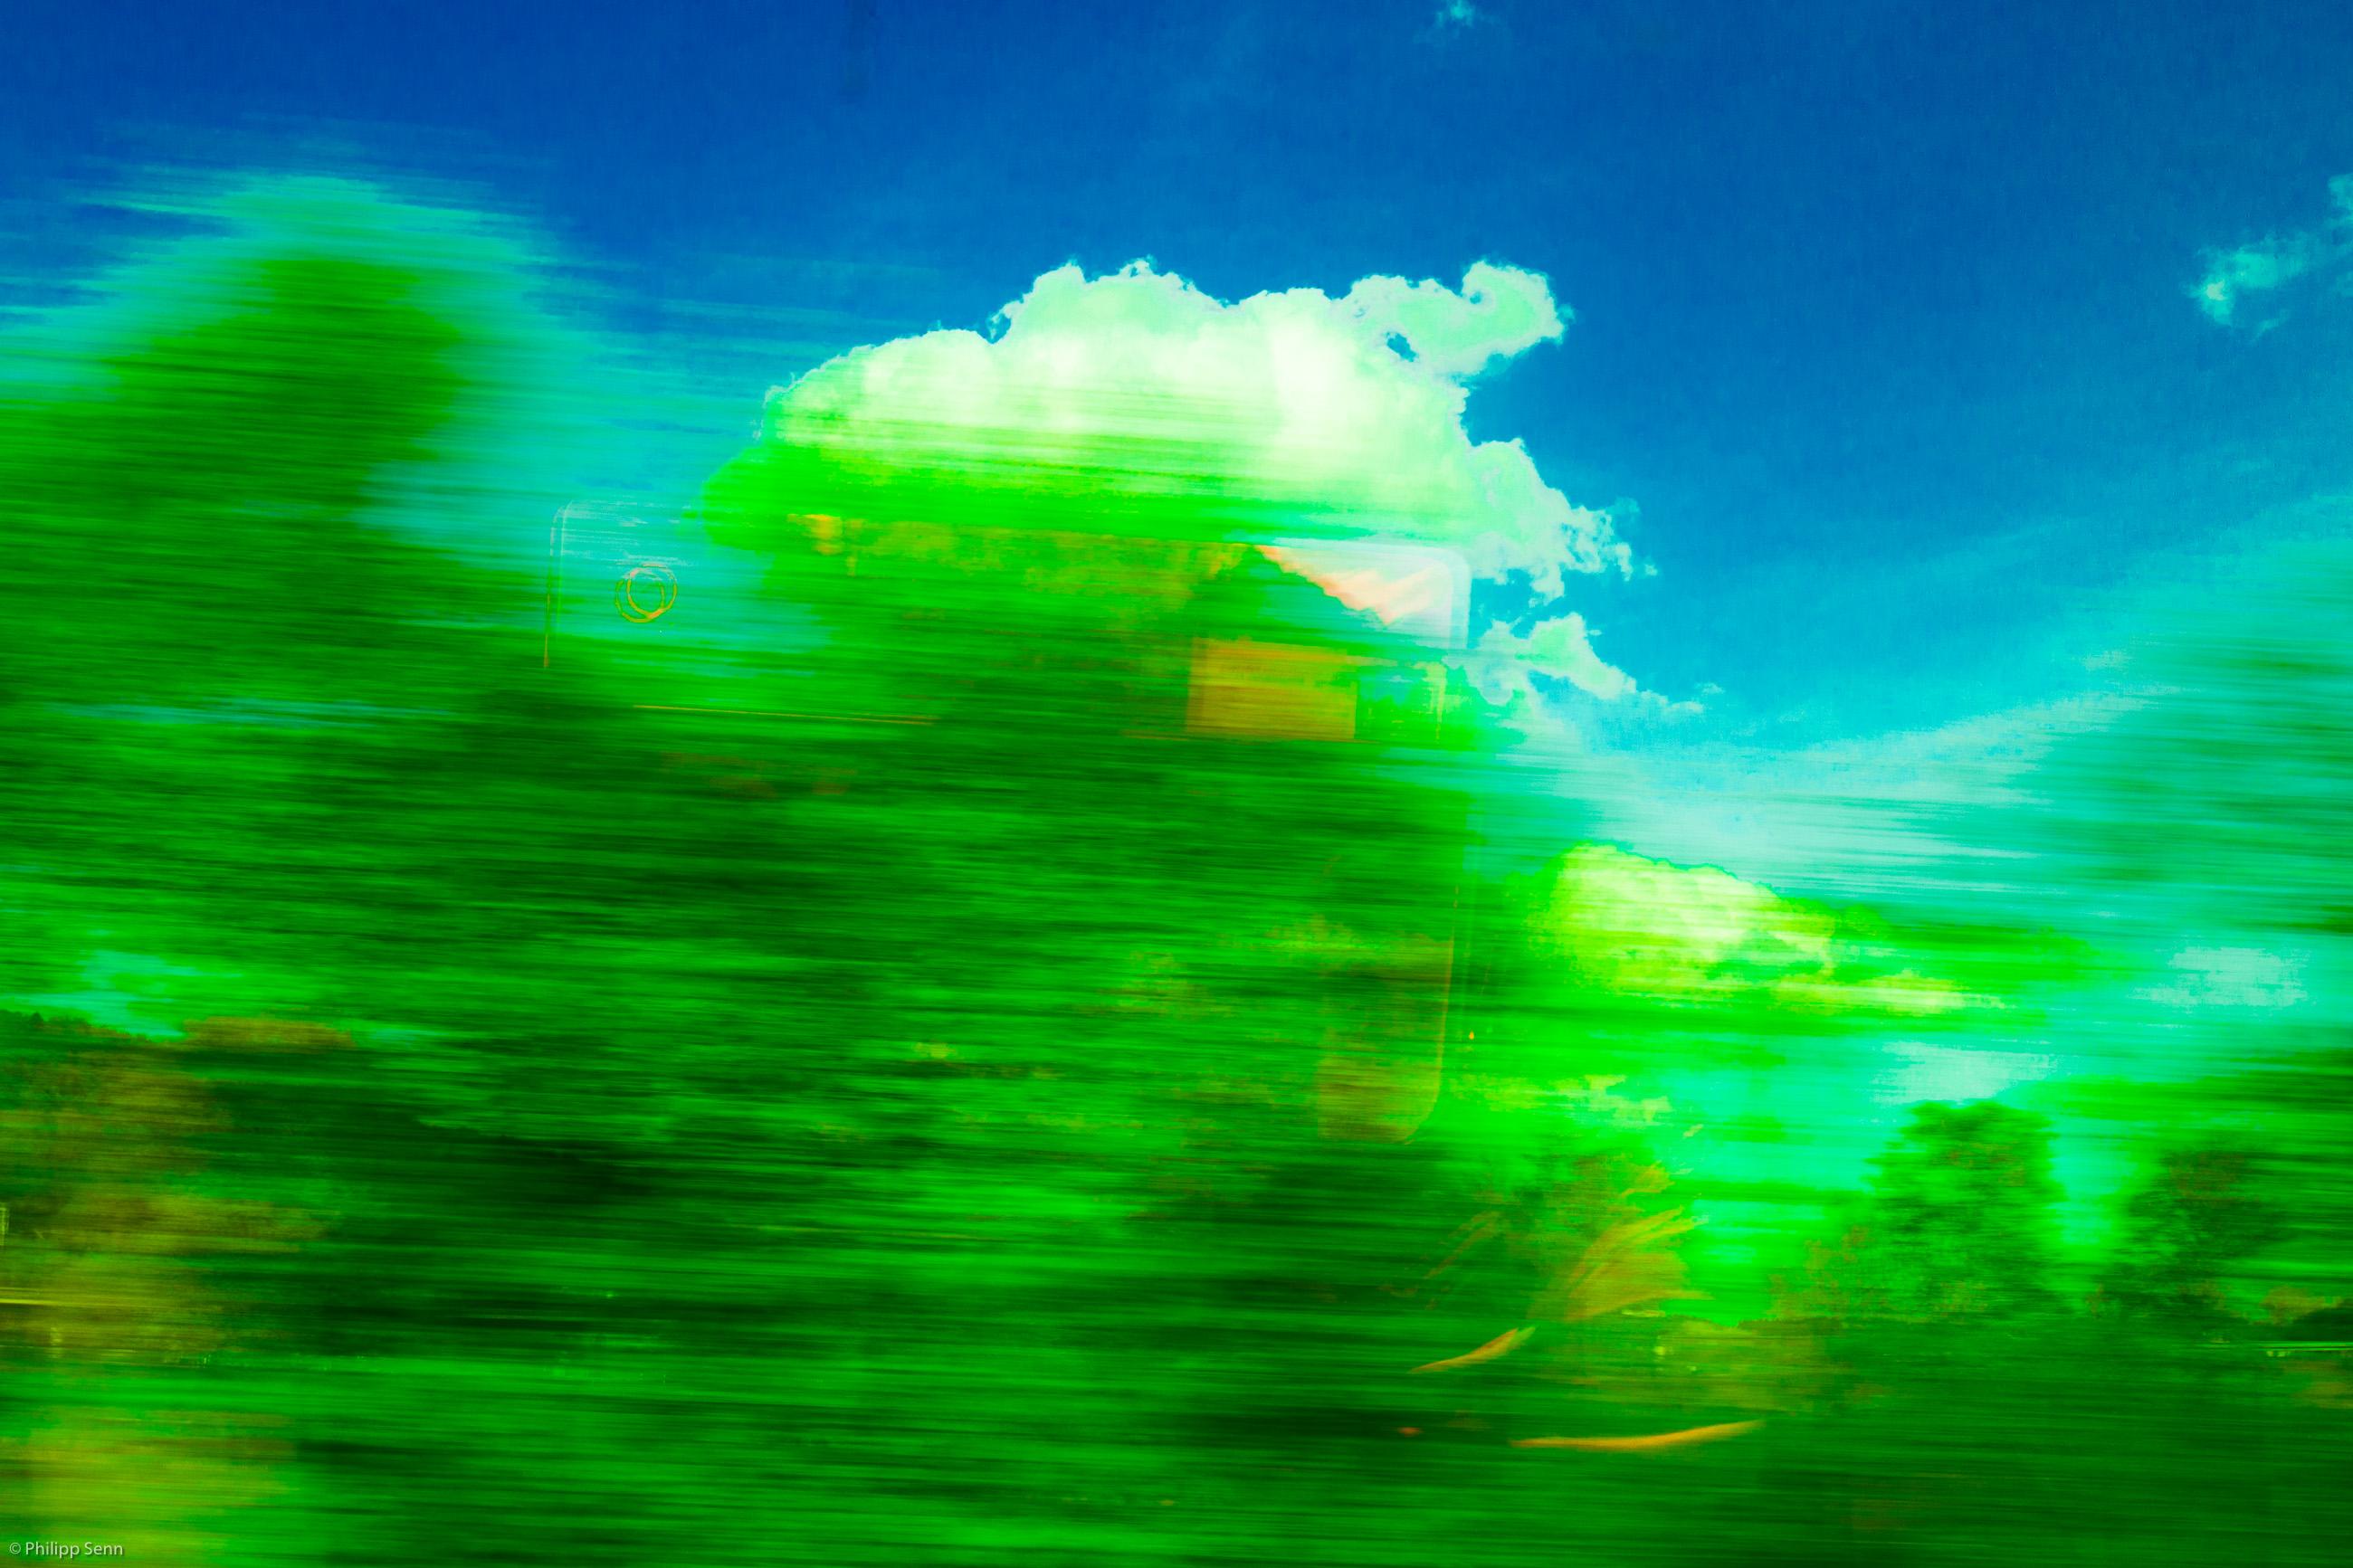 reisen wo bist du bilder wie aquarelle